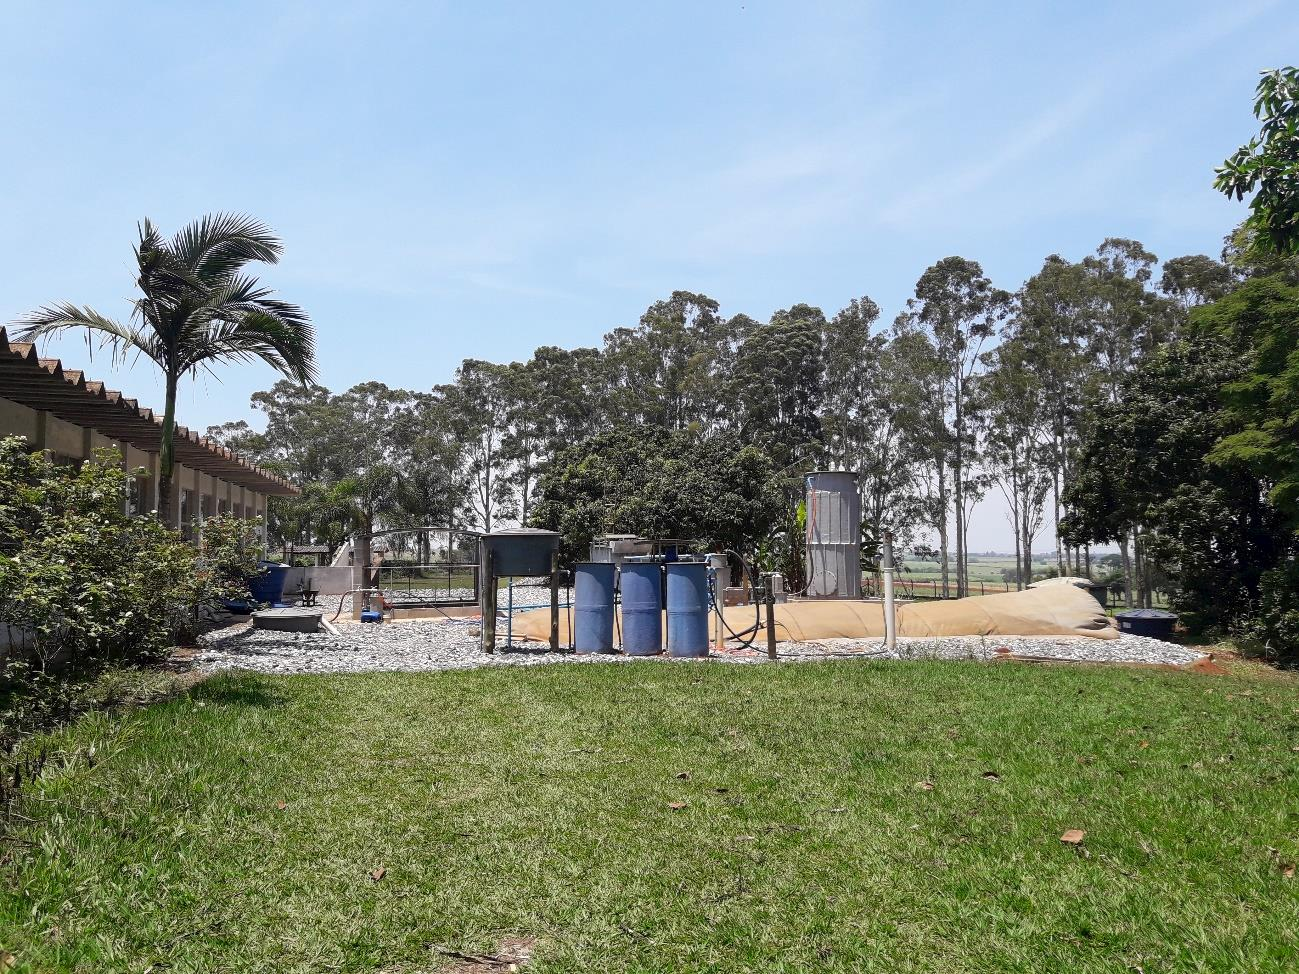 Pesquisas da SAA disponibilizarão tecnologia IZ com menor impacto ambiental para produção de suínos